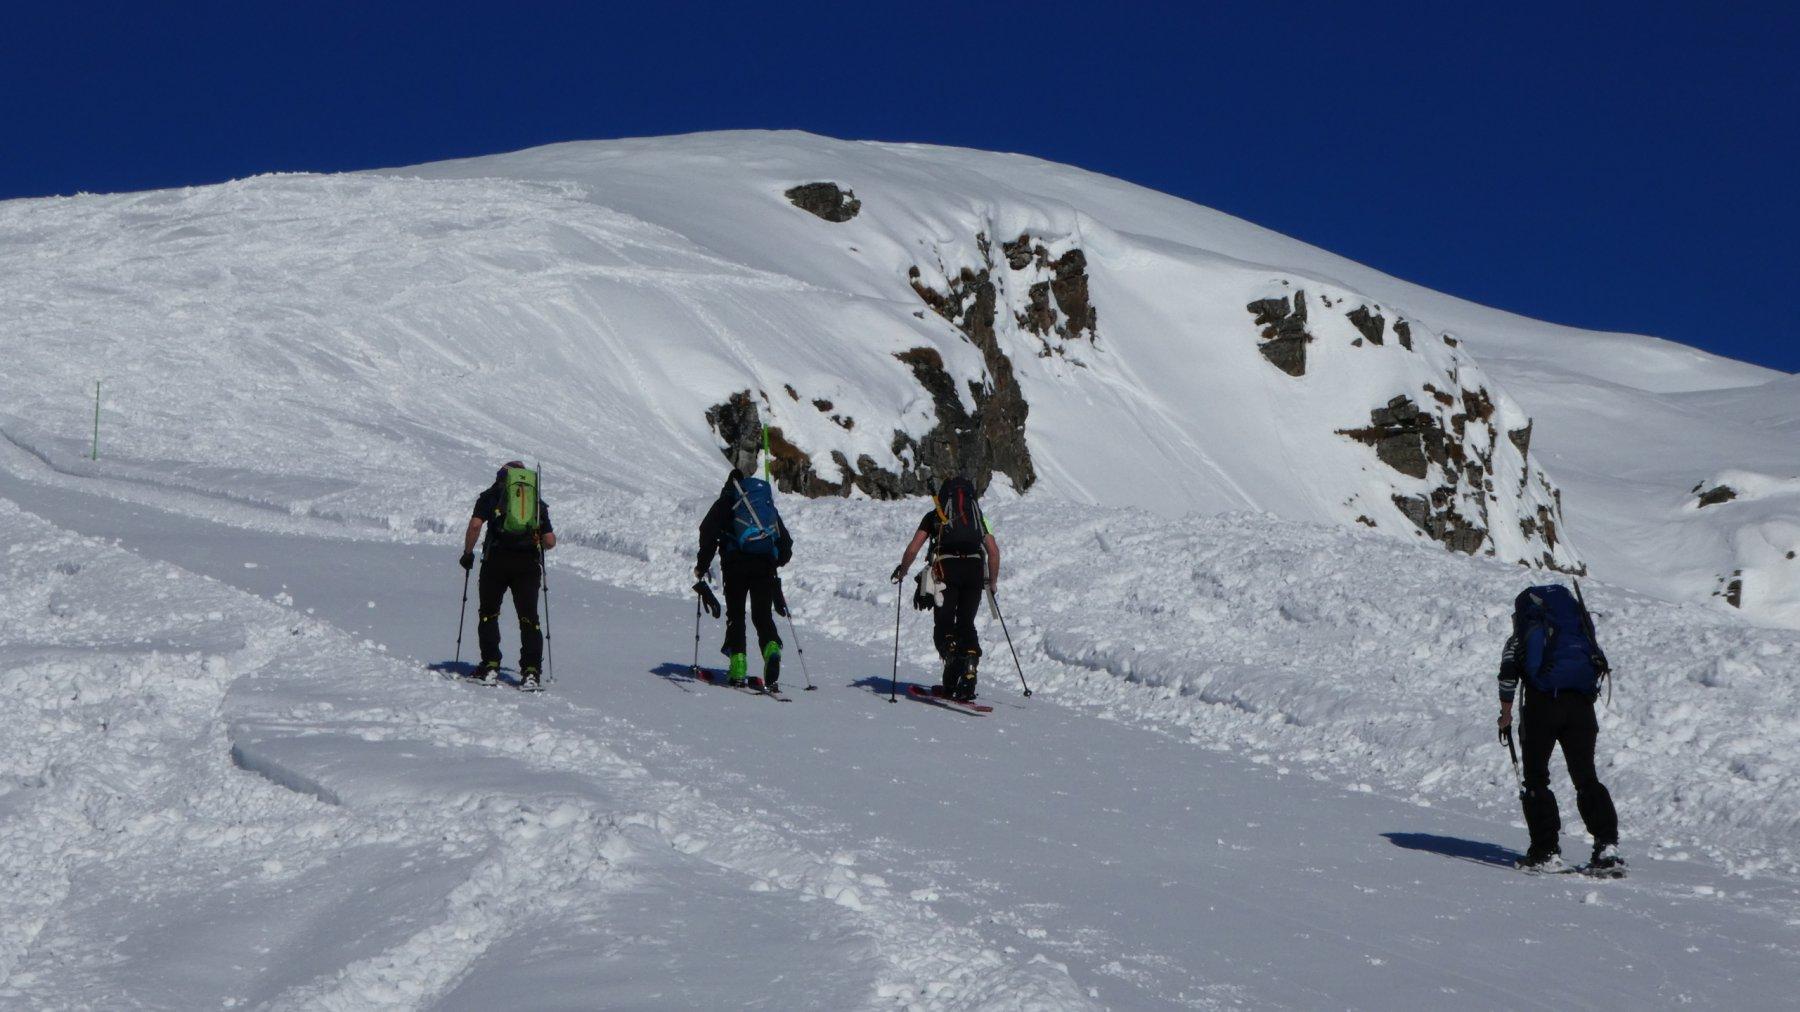 risalendo la pista battuta verso il Colle di Bettaforca a quota 2450 m